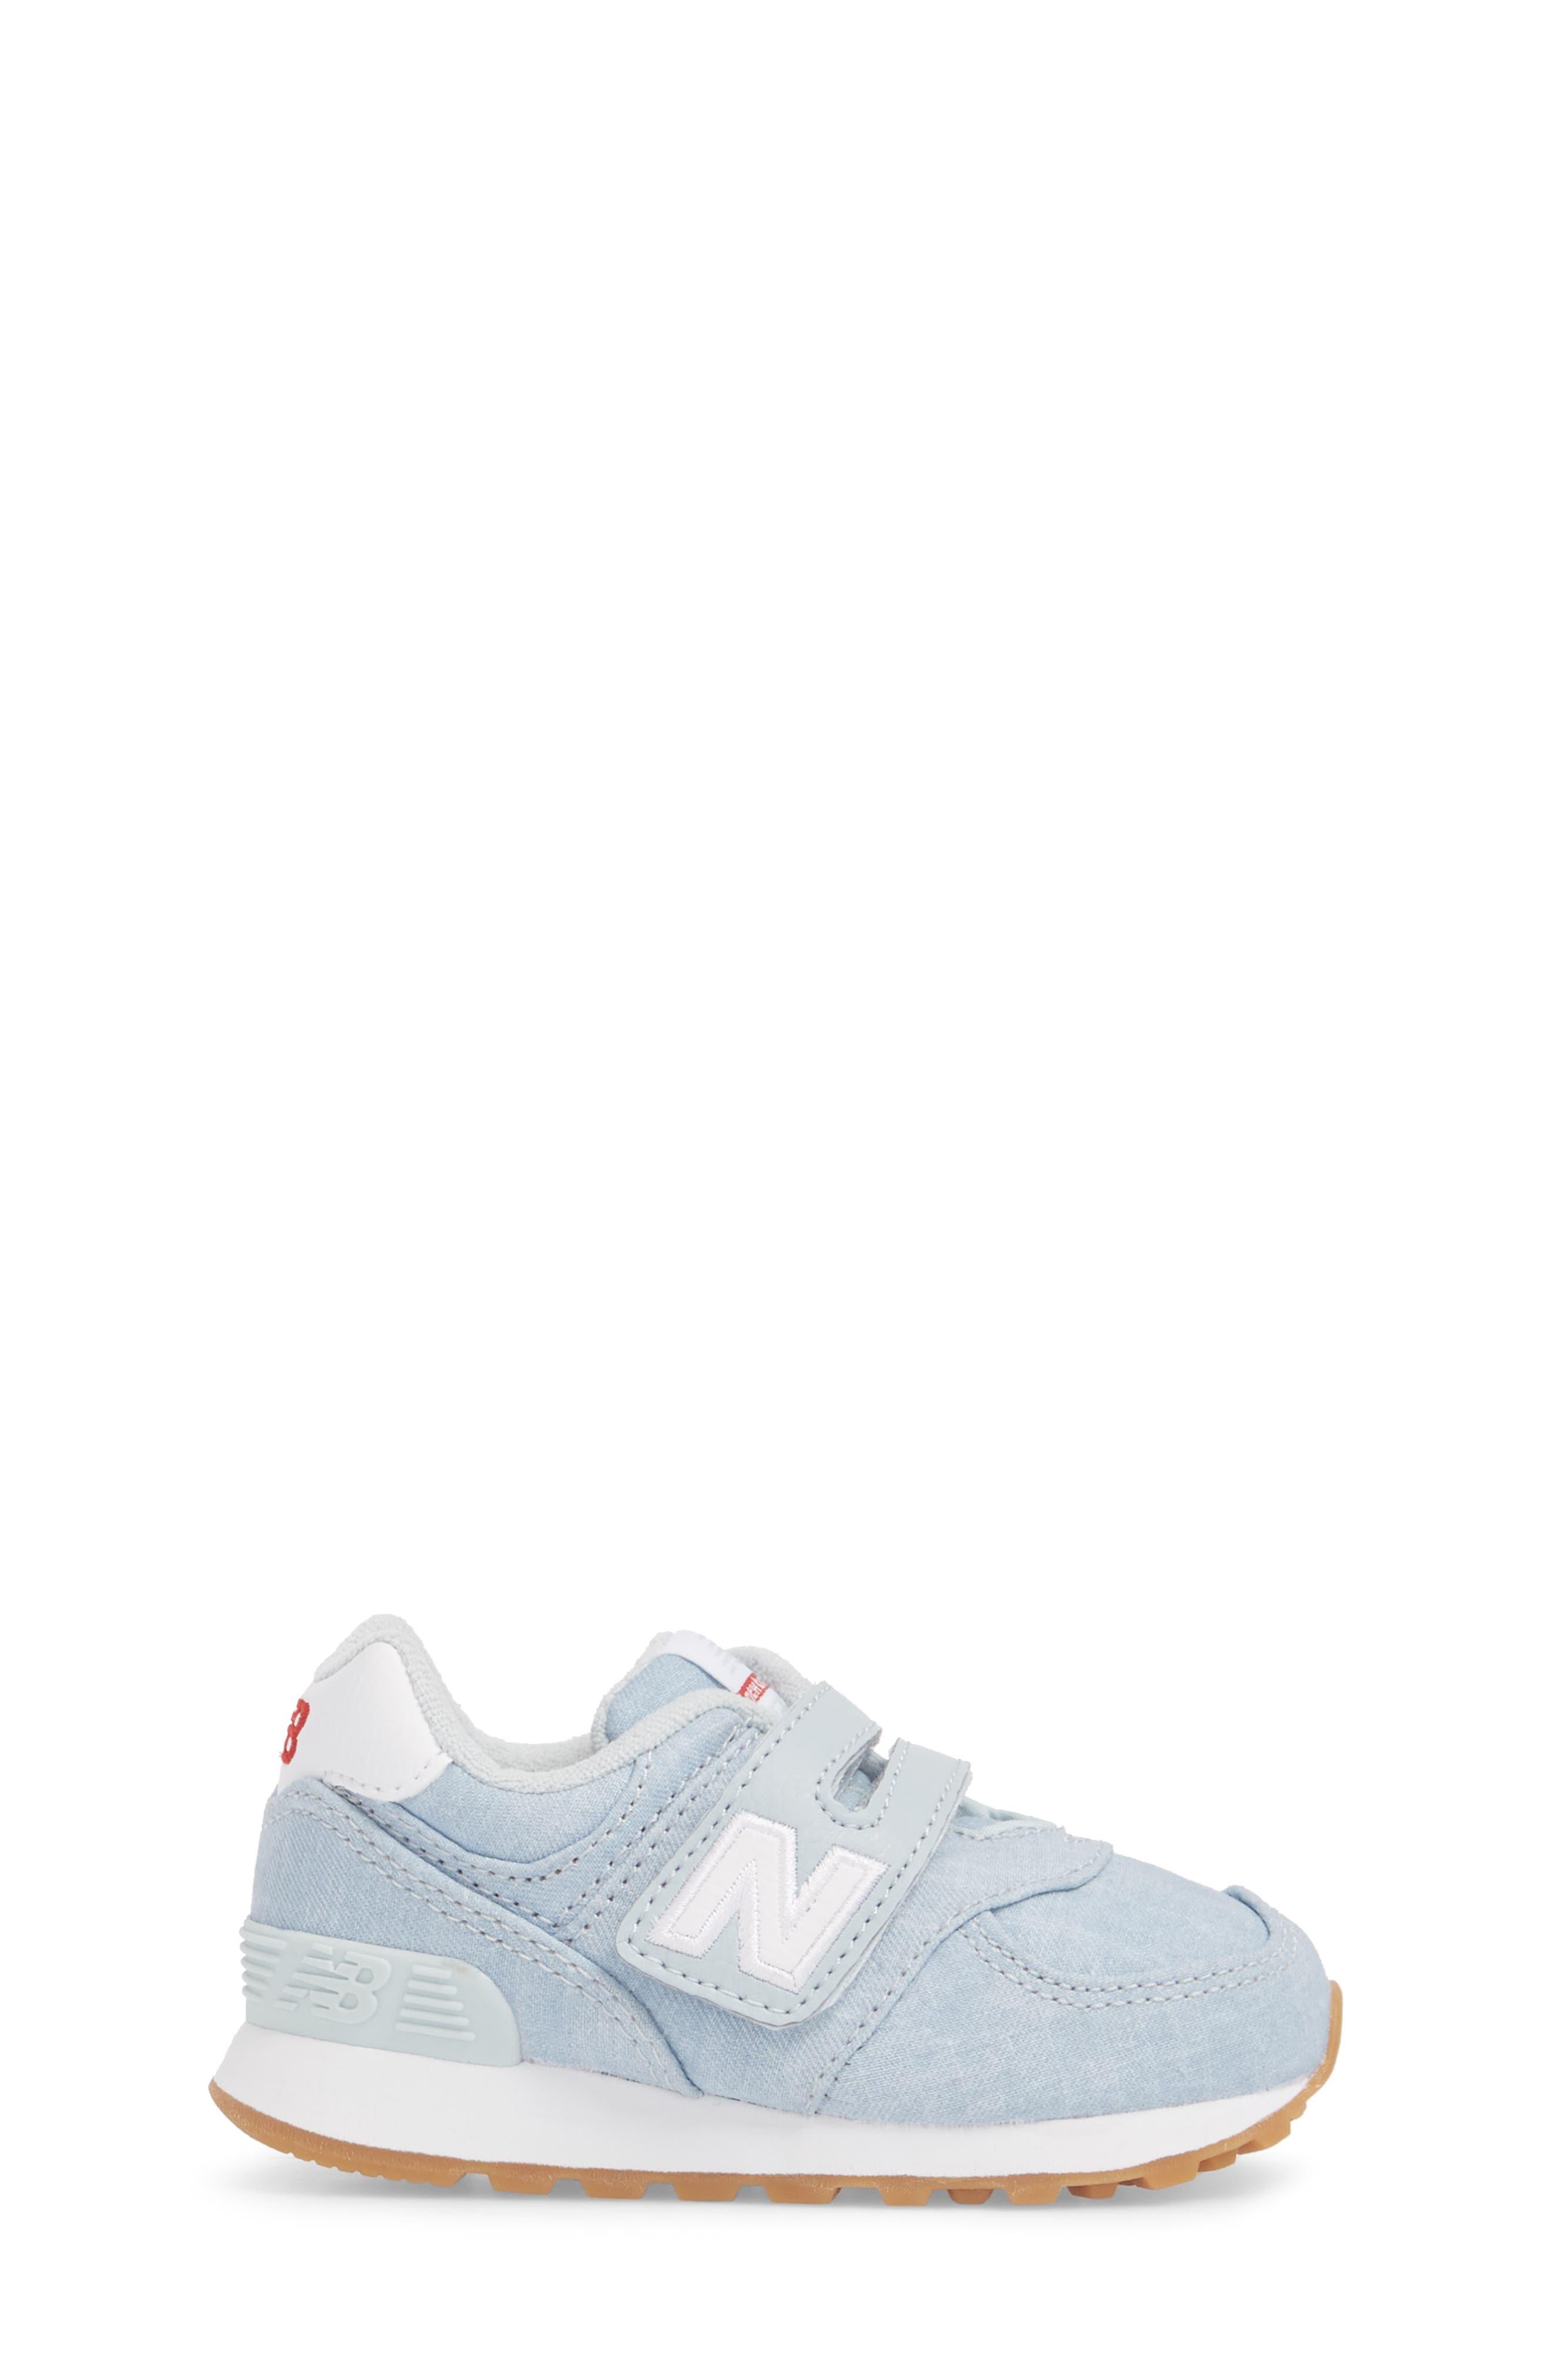 574v1 Sneaker,                             Alternate thumbnail 3, color,                             Light Porcelain Blue